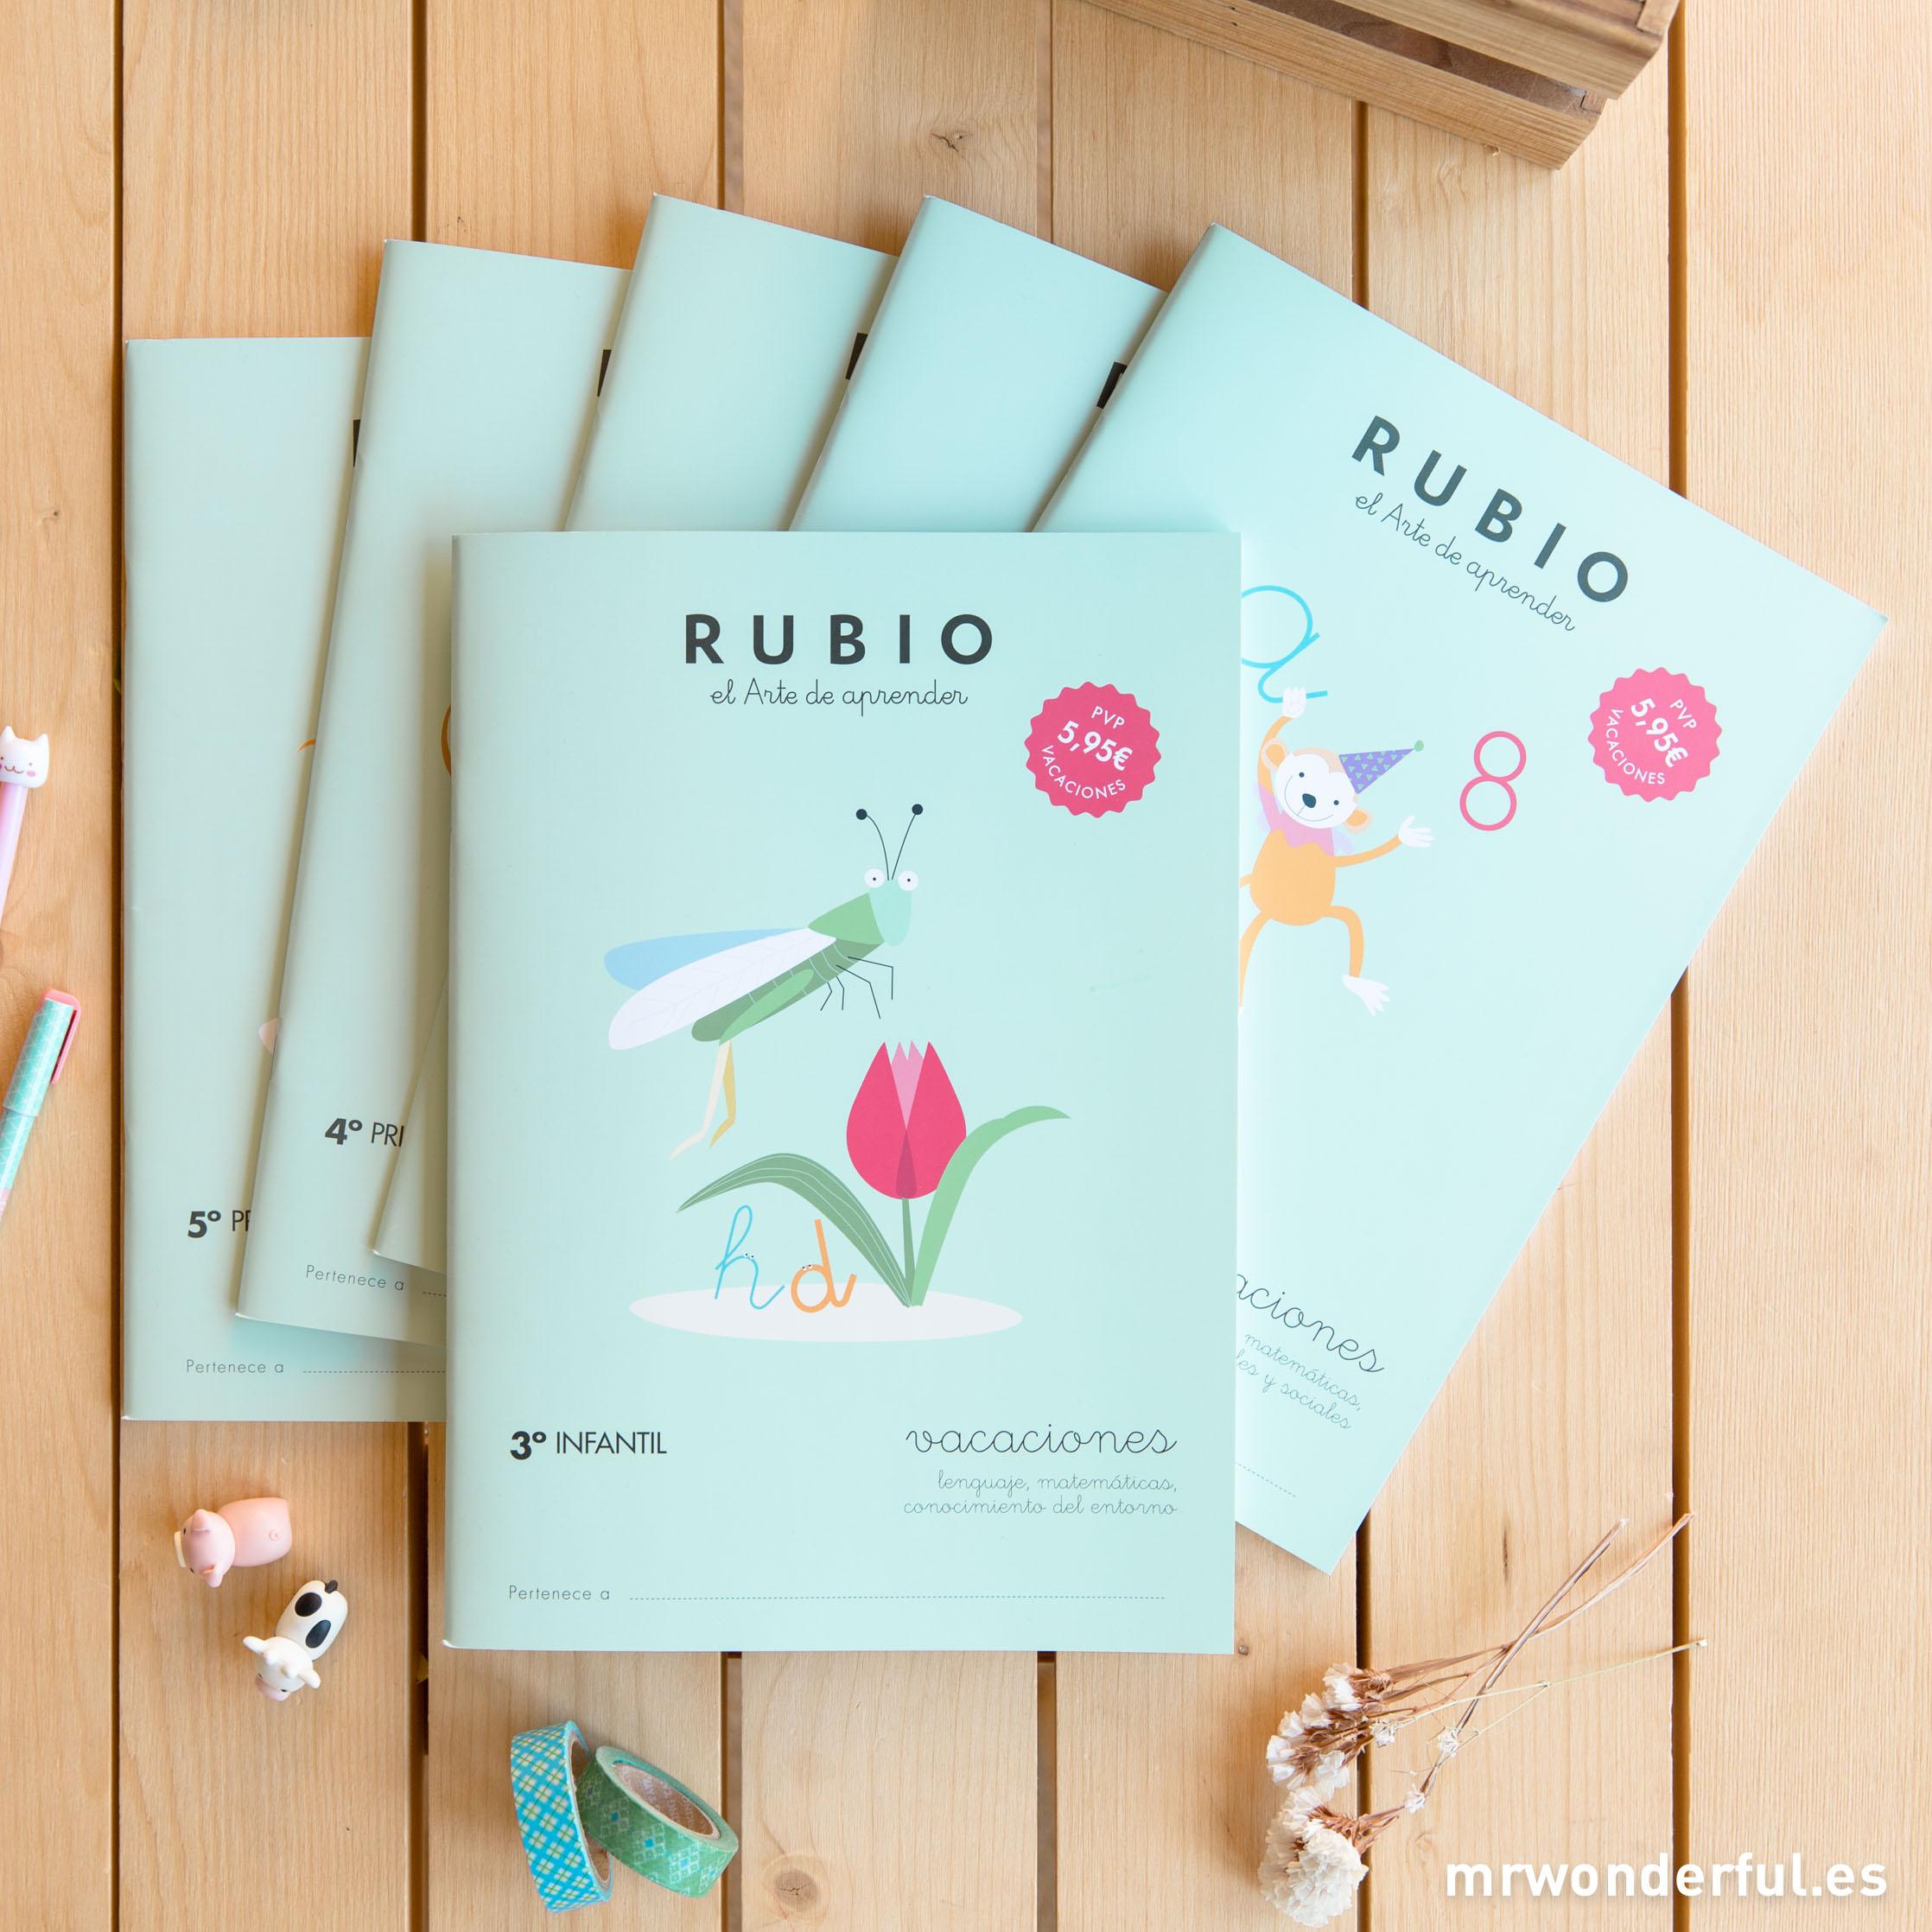 mrwonderful_cuadernos-rubio-muy-molon-2